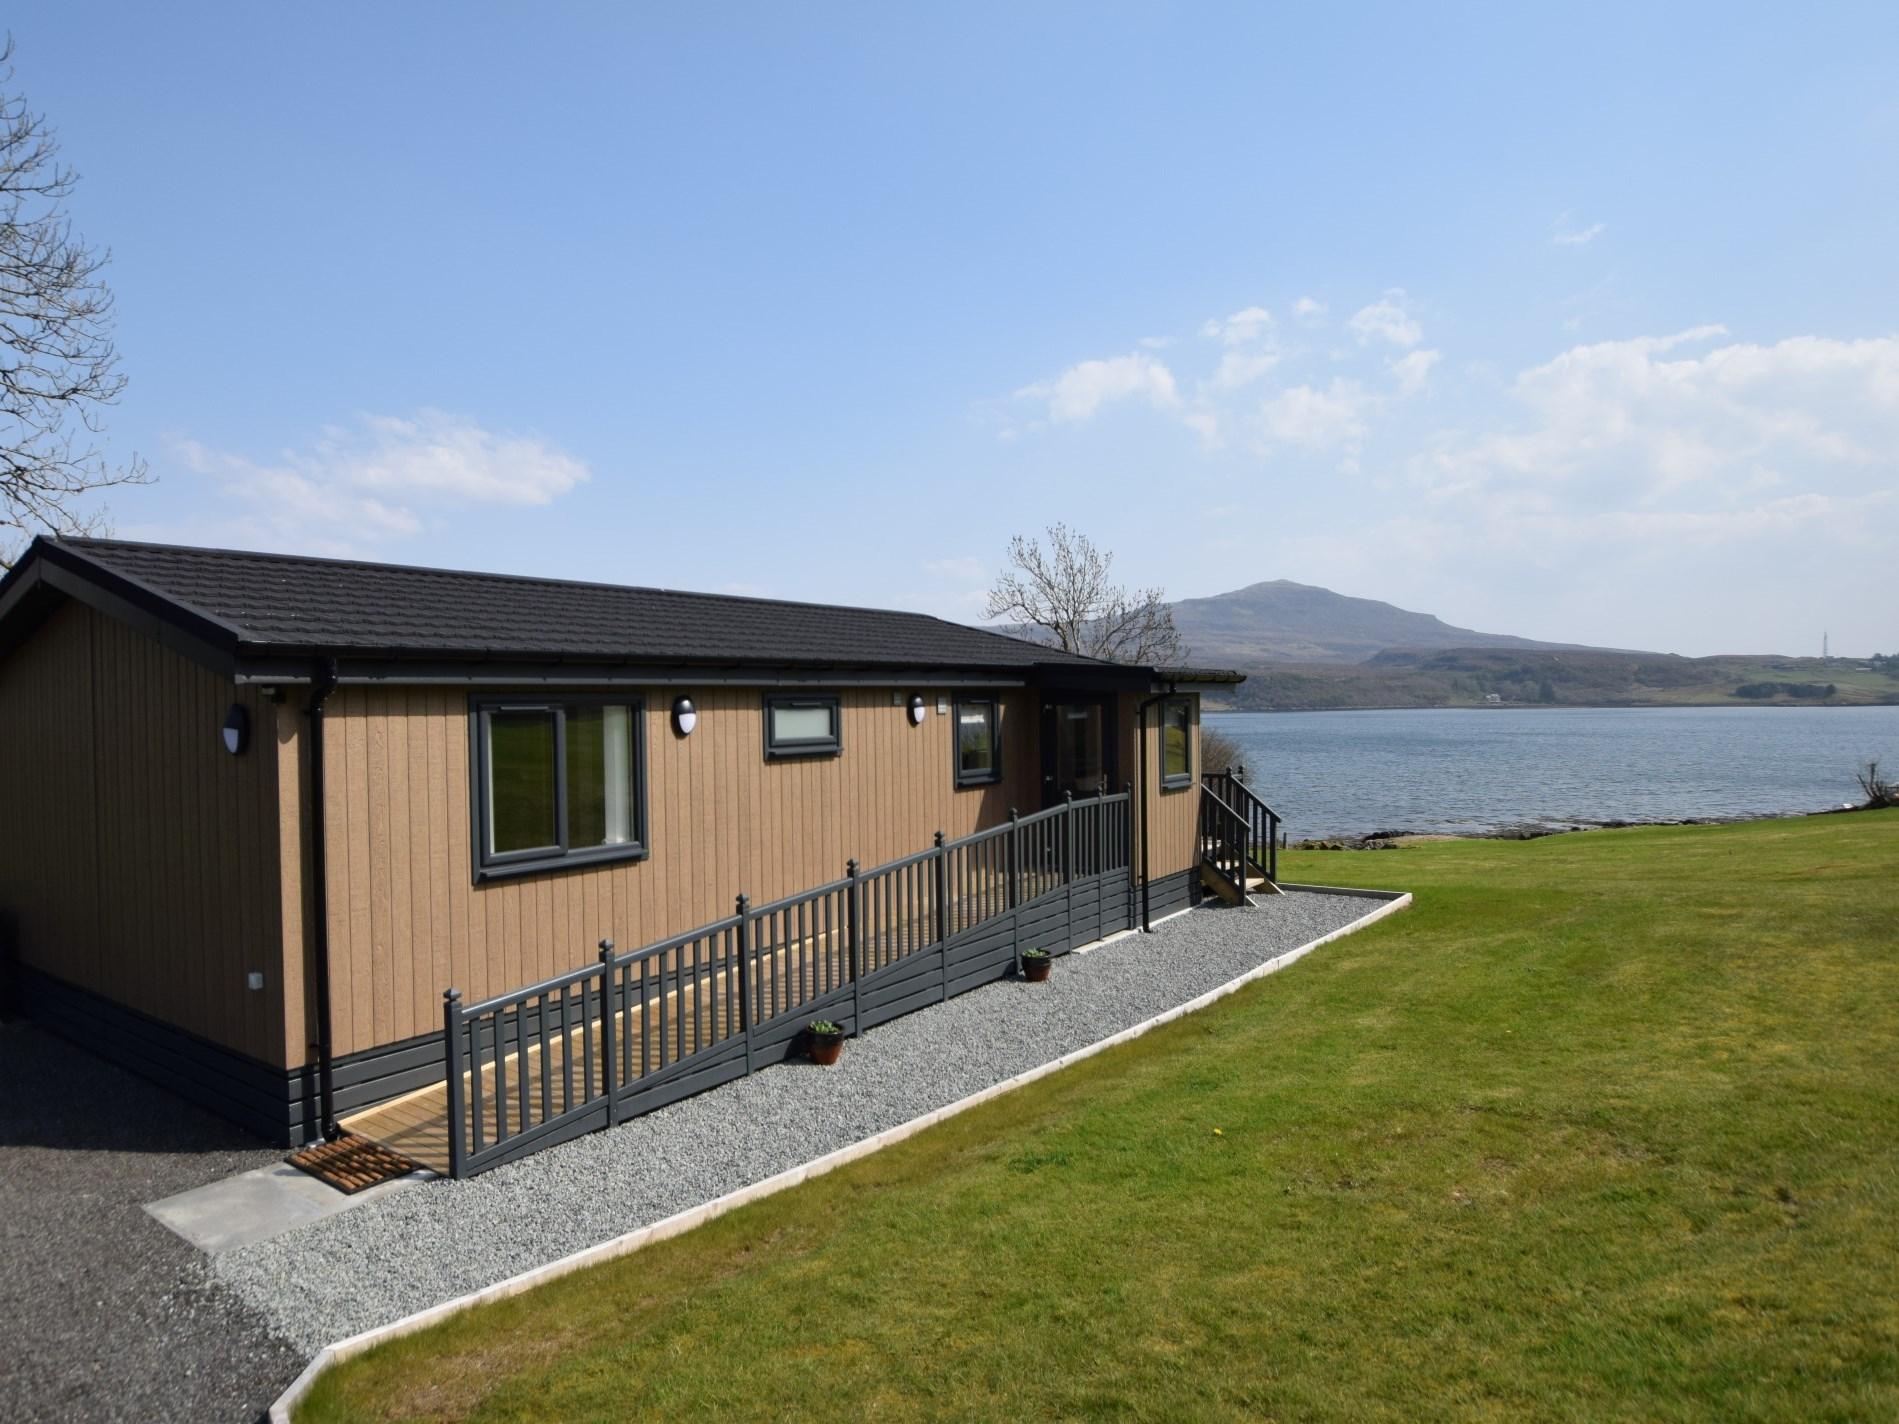 Ferienhaus in Isle-of-Skye